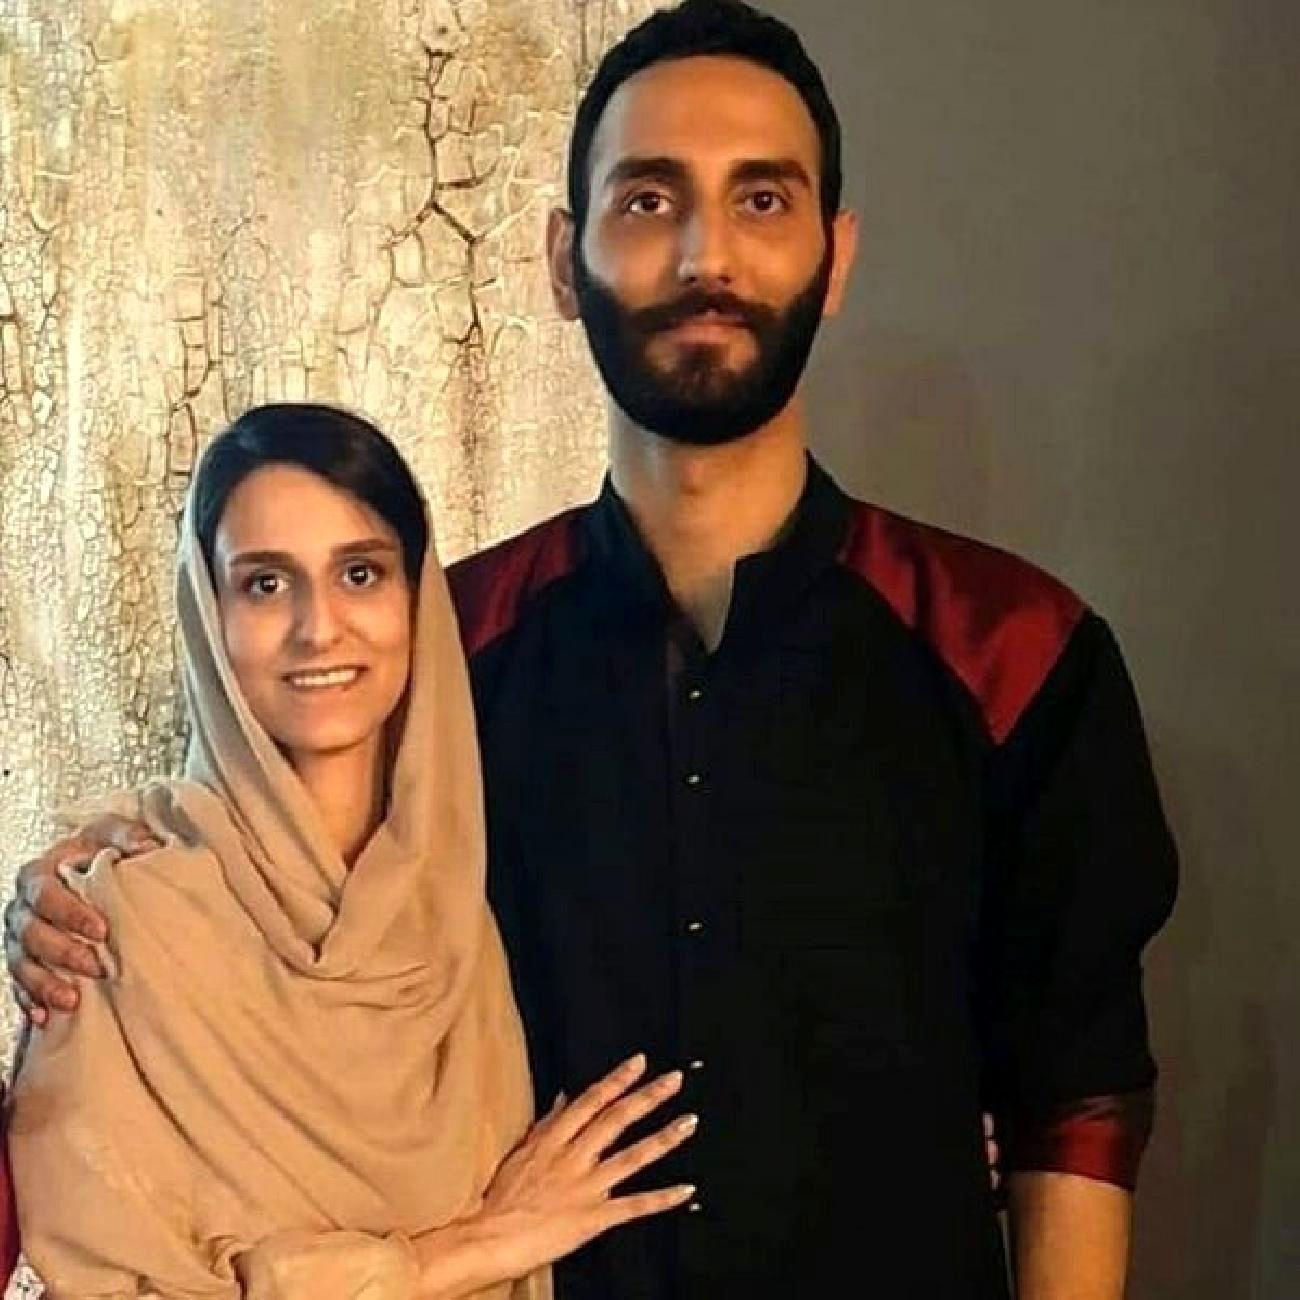 همسر و فرزندان مهران مدیری